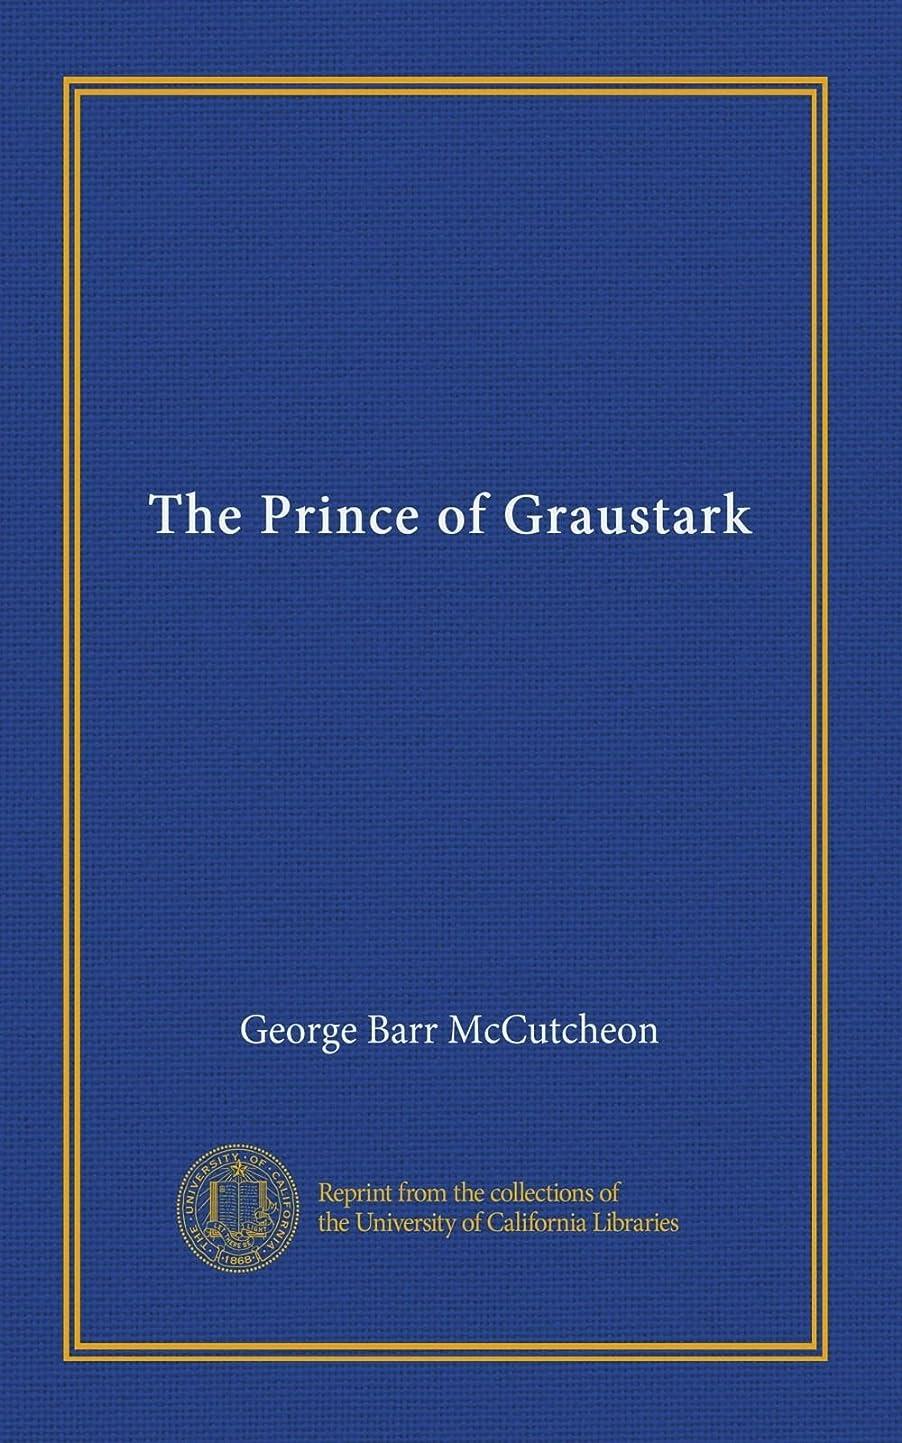 橋脚蒸発加害者The Prince of Graustark